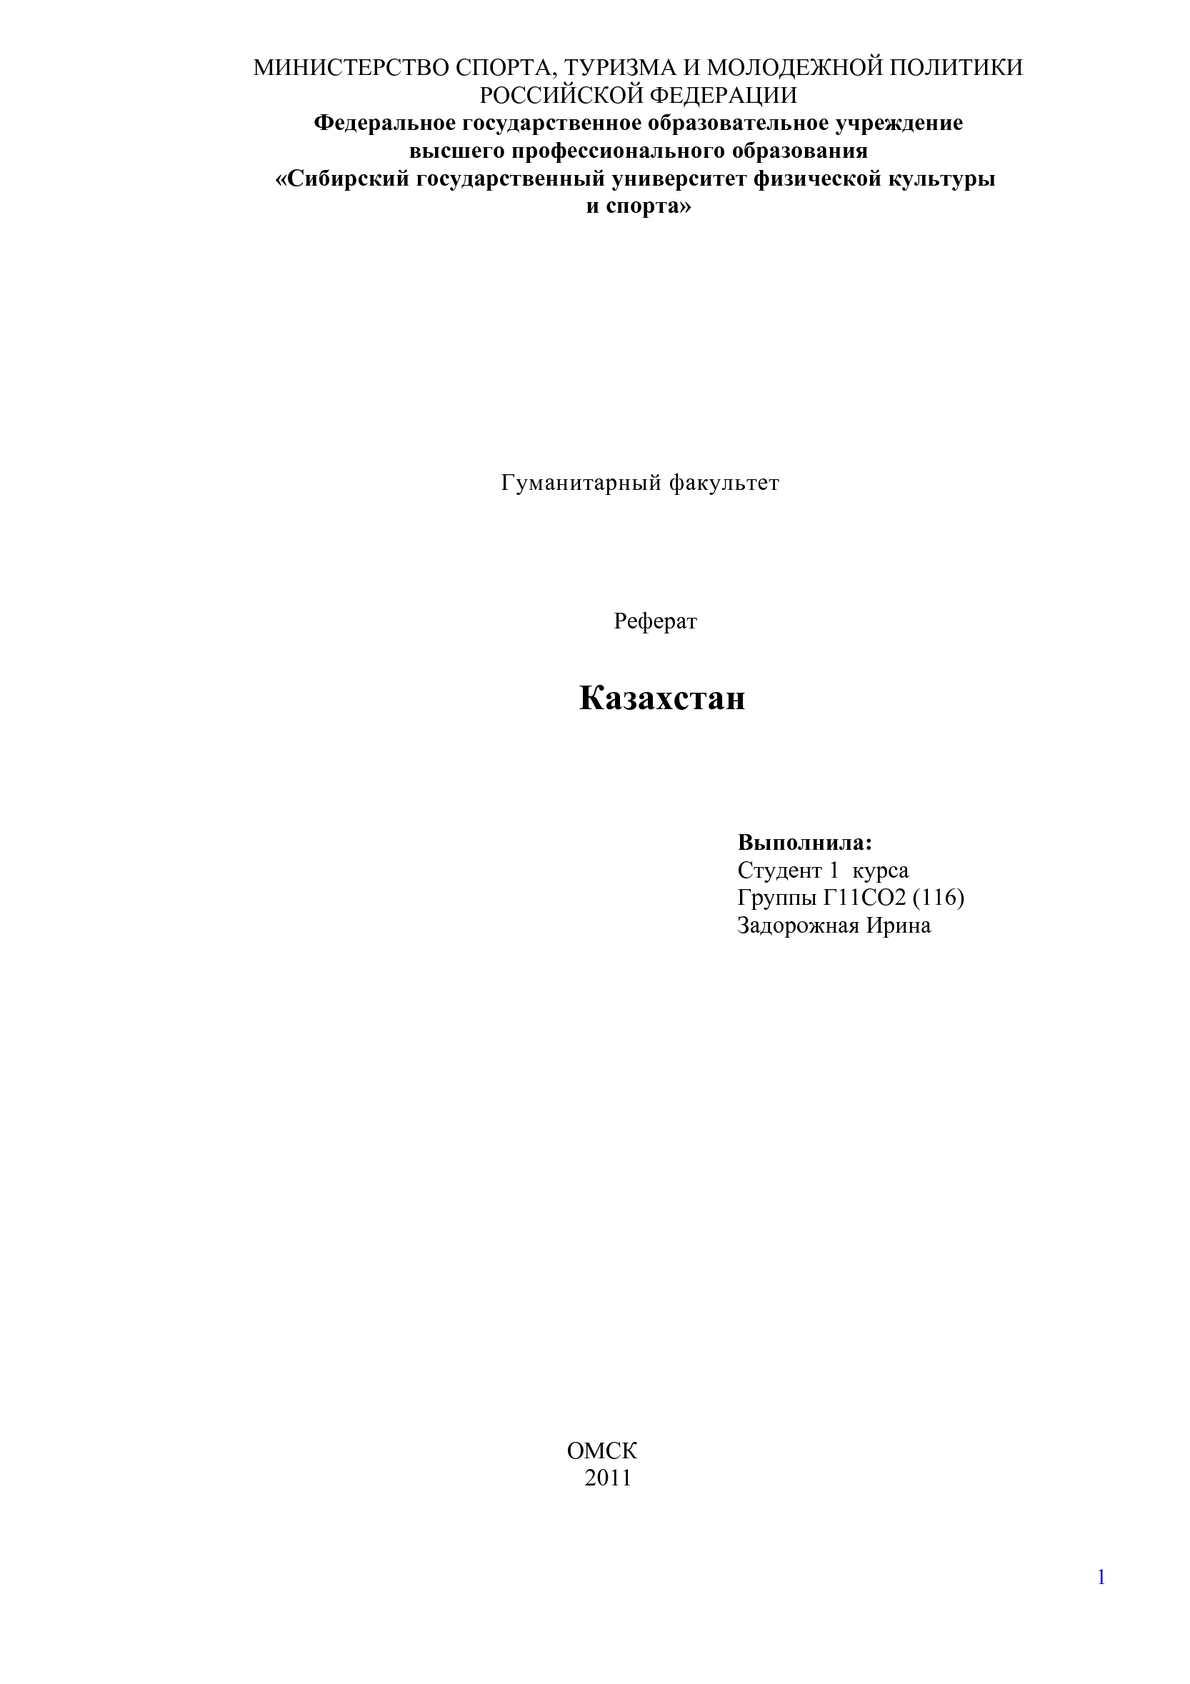 Реферат физическая культура и спорт в казахстане 6547